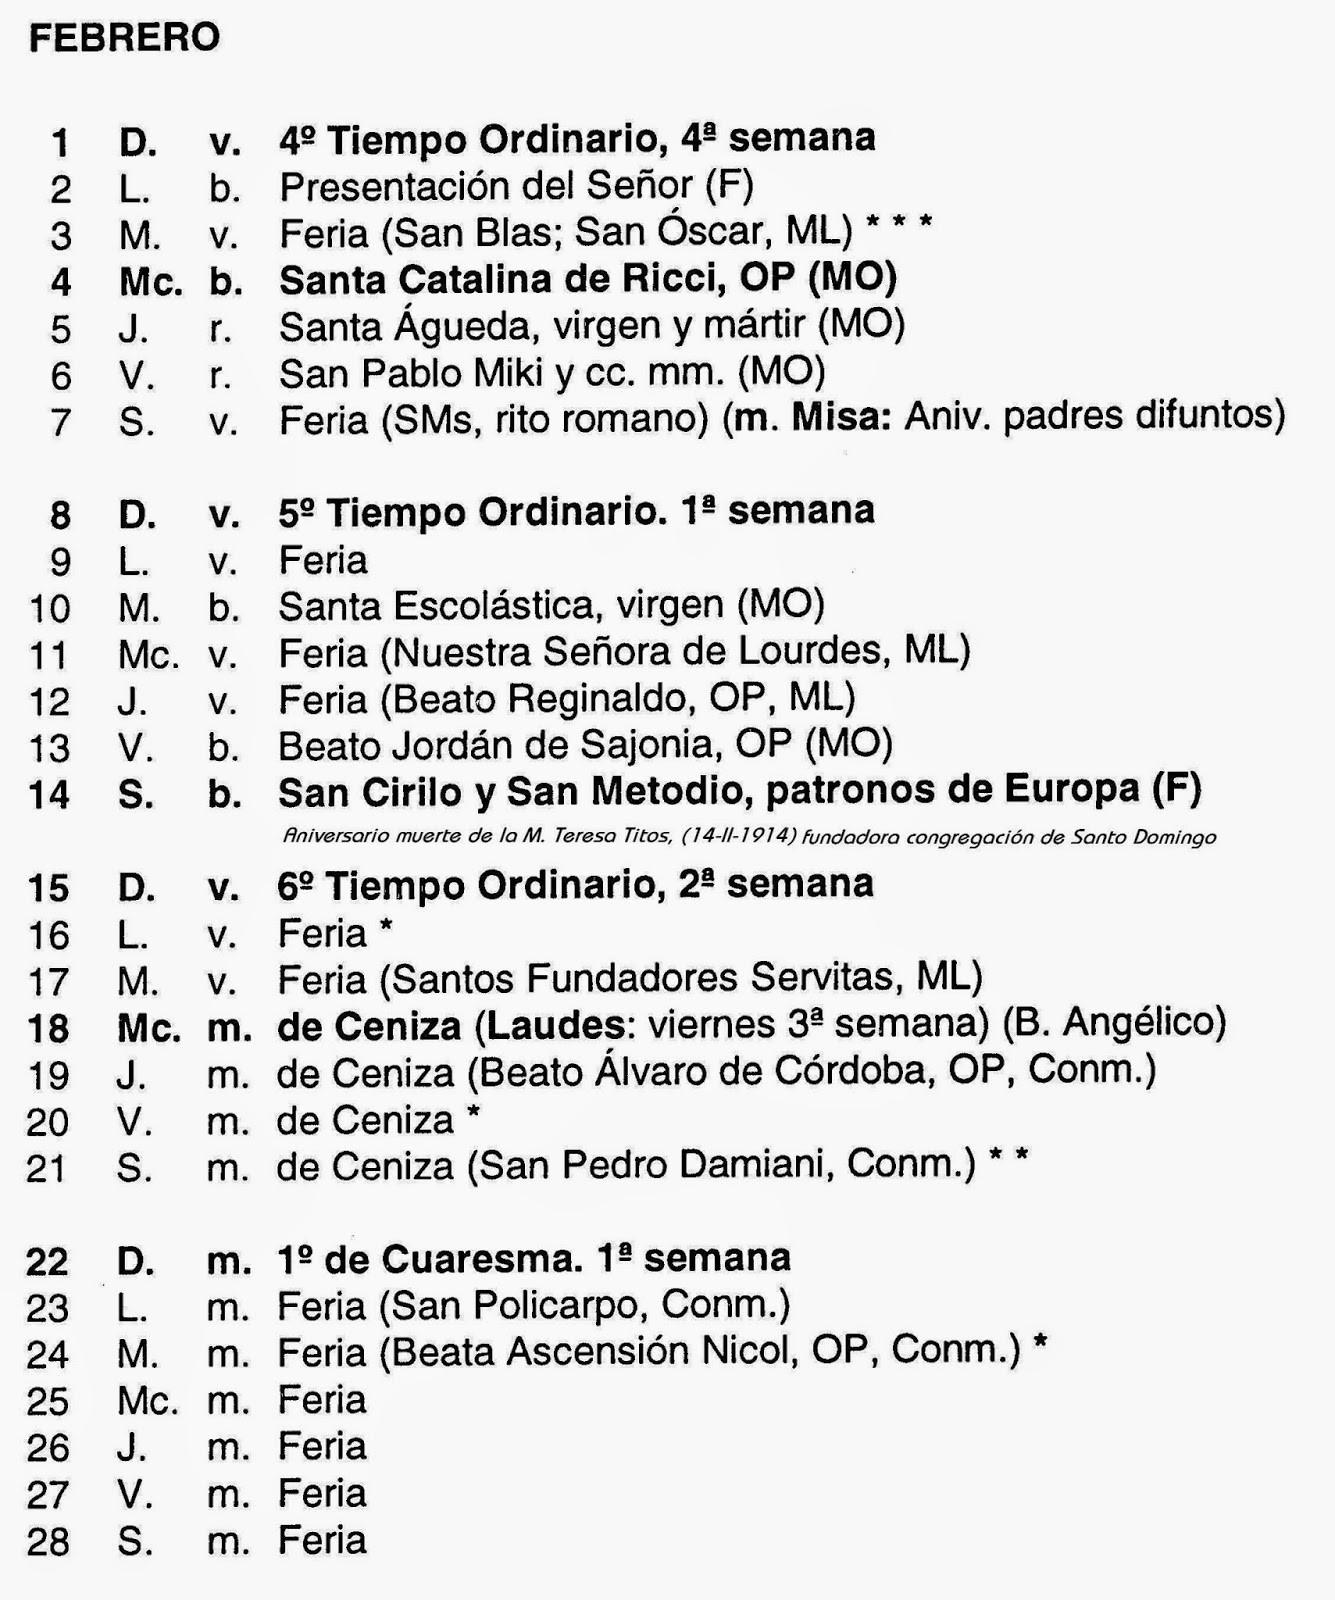 Calendario 2019 Colombia Almanaque 2019 Uruguay Más Reciente Dise±o Calendario 2018 Santoral – Title Of Calendario 2019 Colombia Almanaque 2019 Uruguay Actual Calaméo Diario De Noticias De lava